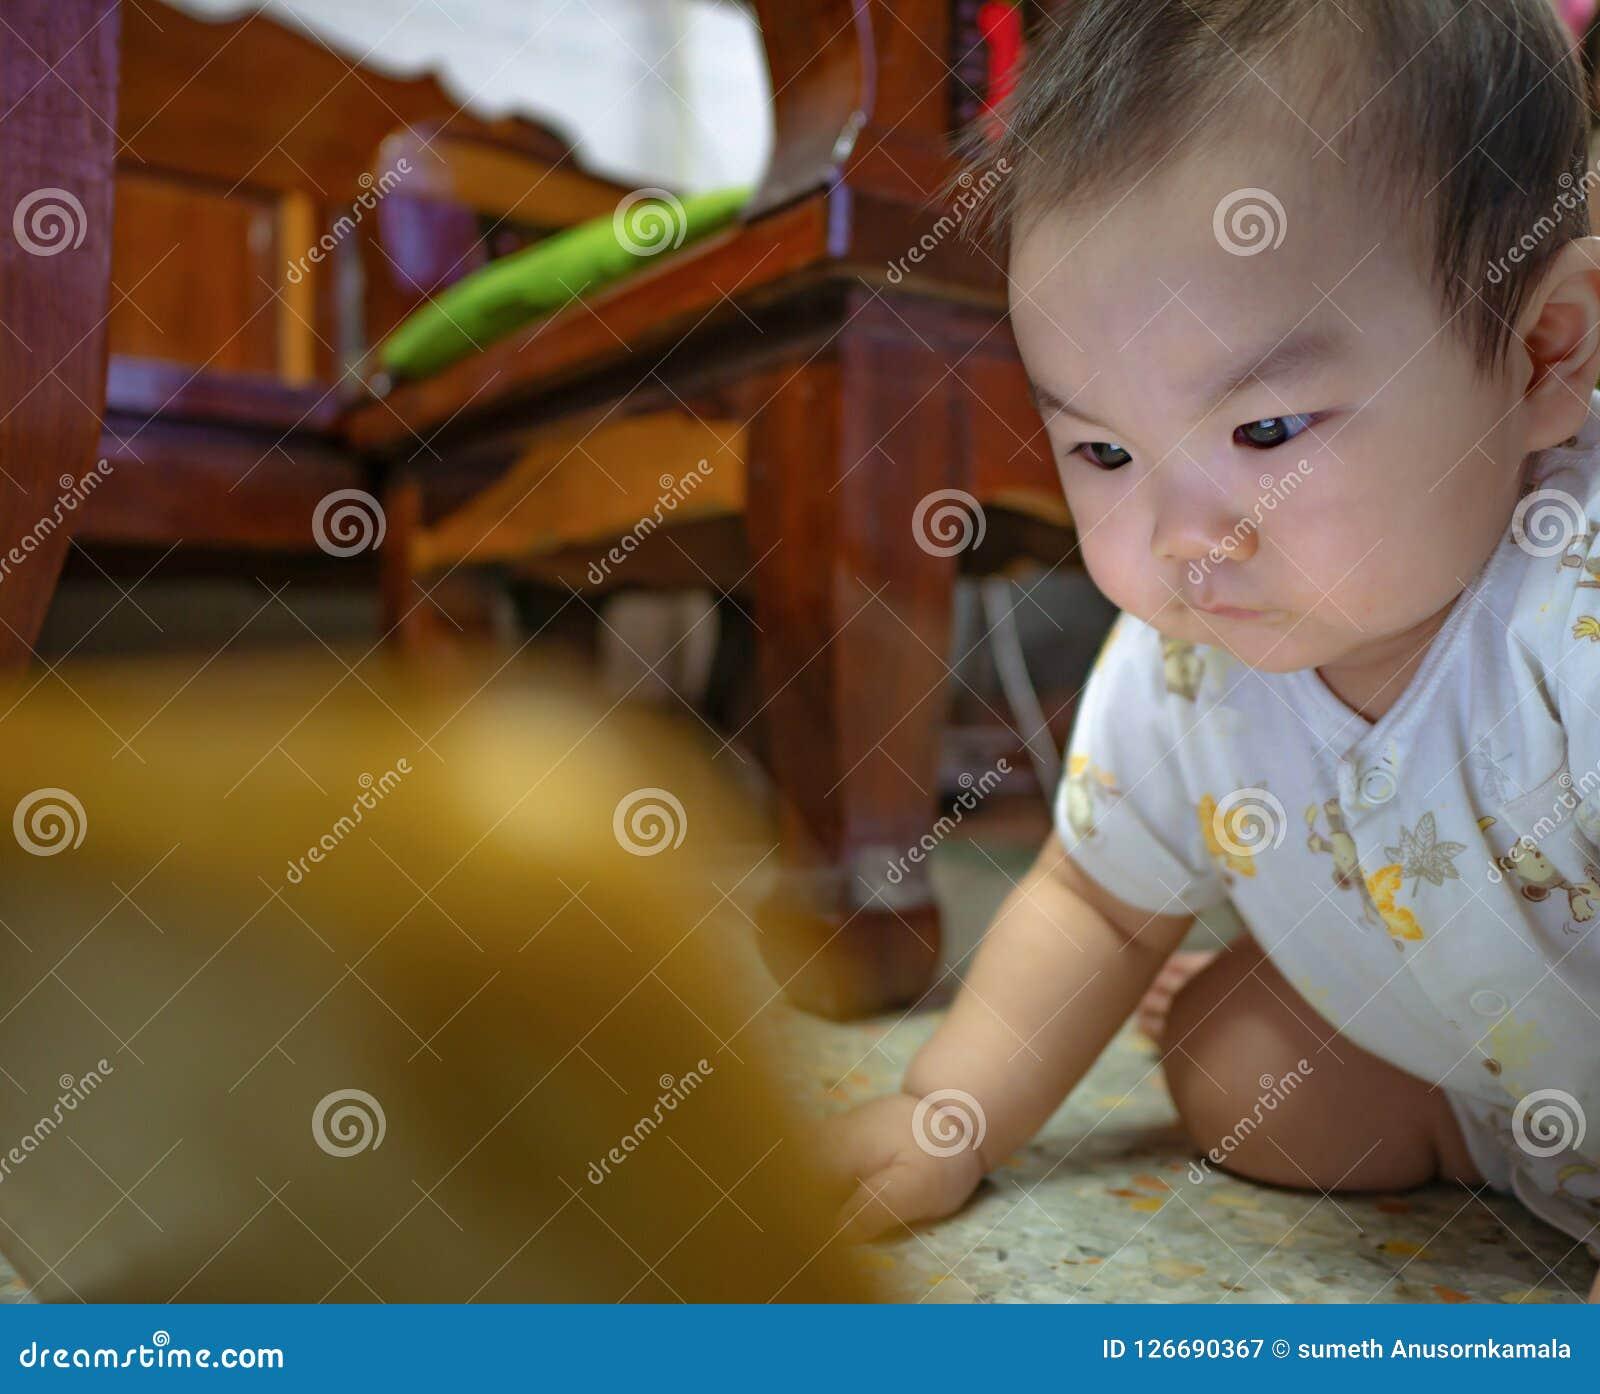 Младенец Cutie азиатский мужской очень серьезный и взгляд на таблетке